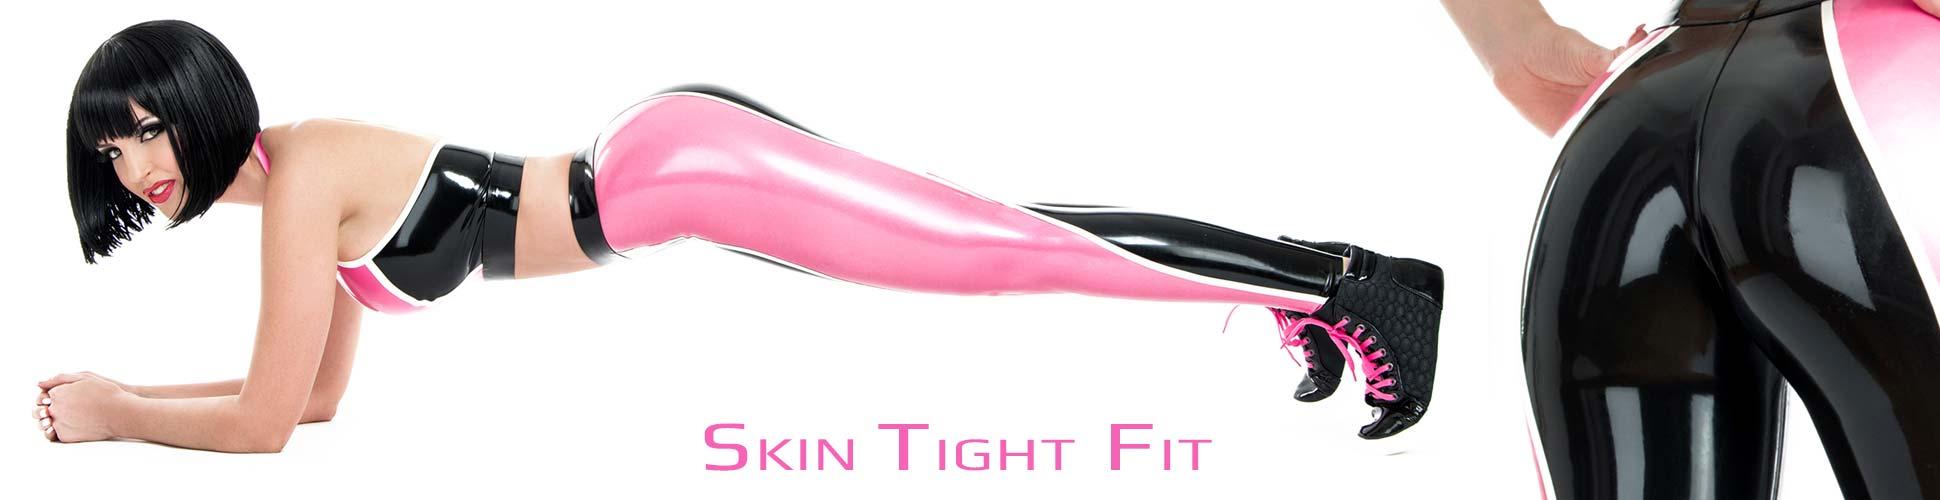 Eine Frau trägt eine hautenge glänzende Latex Leggings in Pink